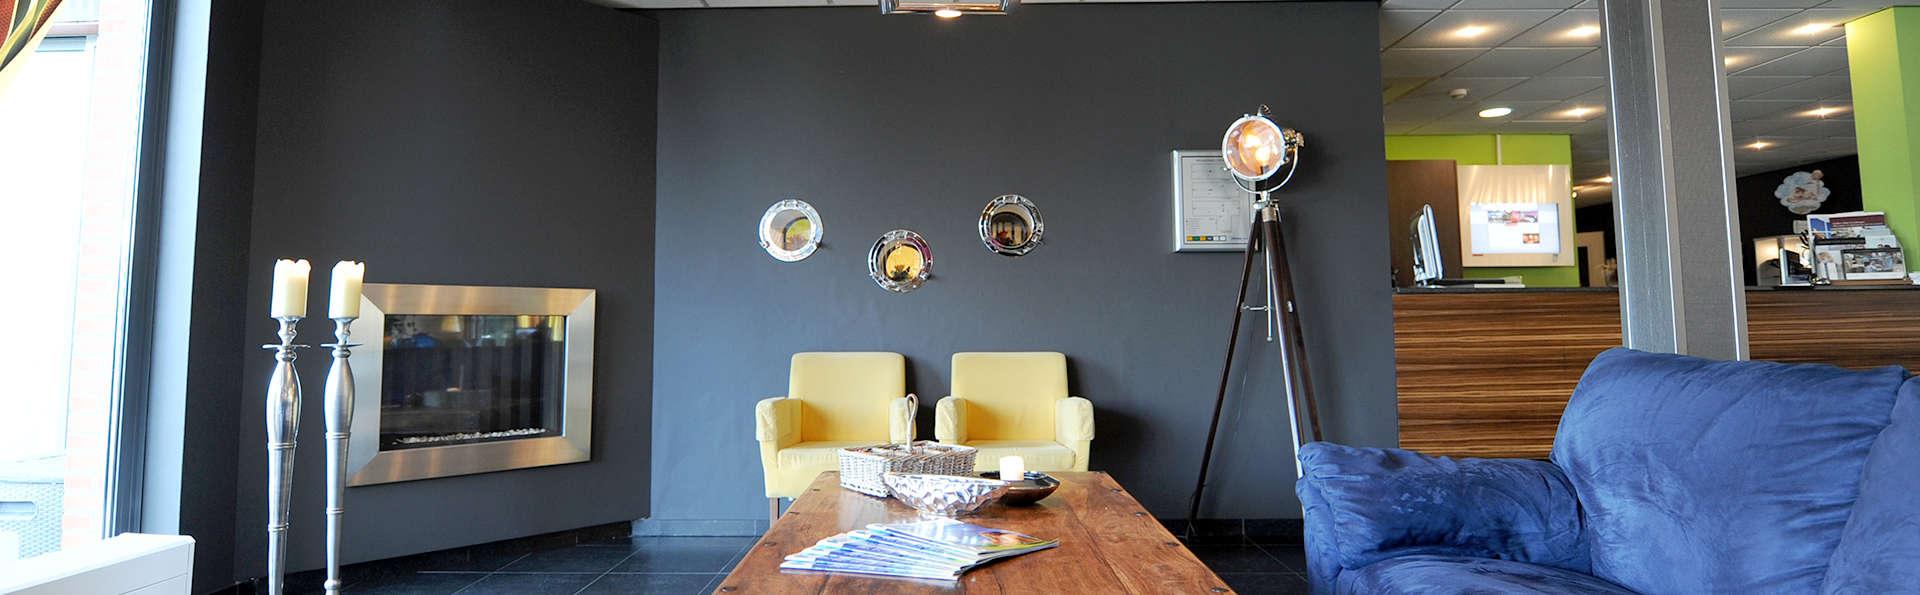 Découvrez Biesbosch et savourez de délicieux plats (3=2)